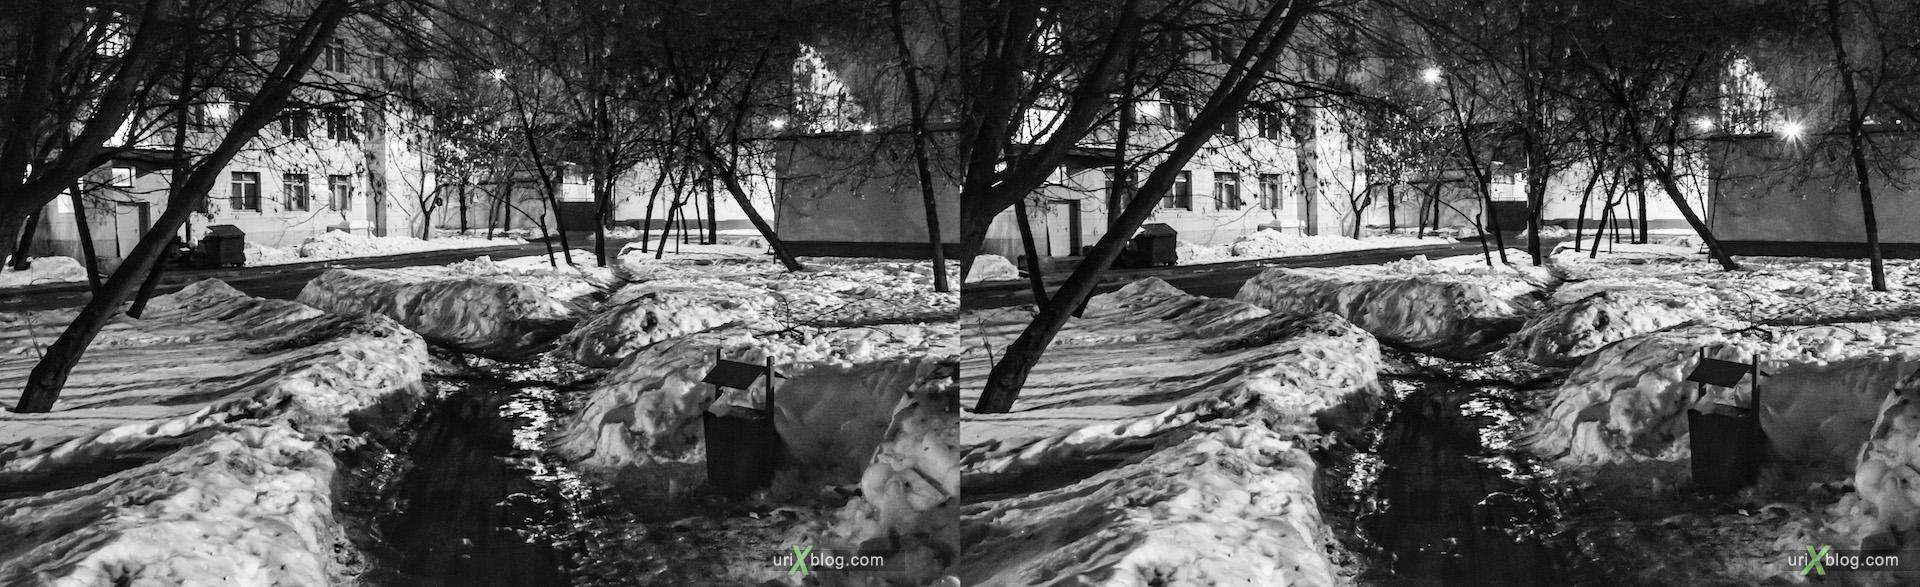 2013, улица Буженинова, ночь, вечер, Москва, Россия, зима, снег, грязь, фонарь, дерево, здание, дом, улица, 3D, перекрёстные стереопары, стерео, стереопара, стереопары